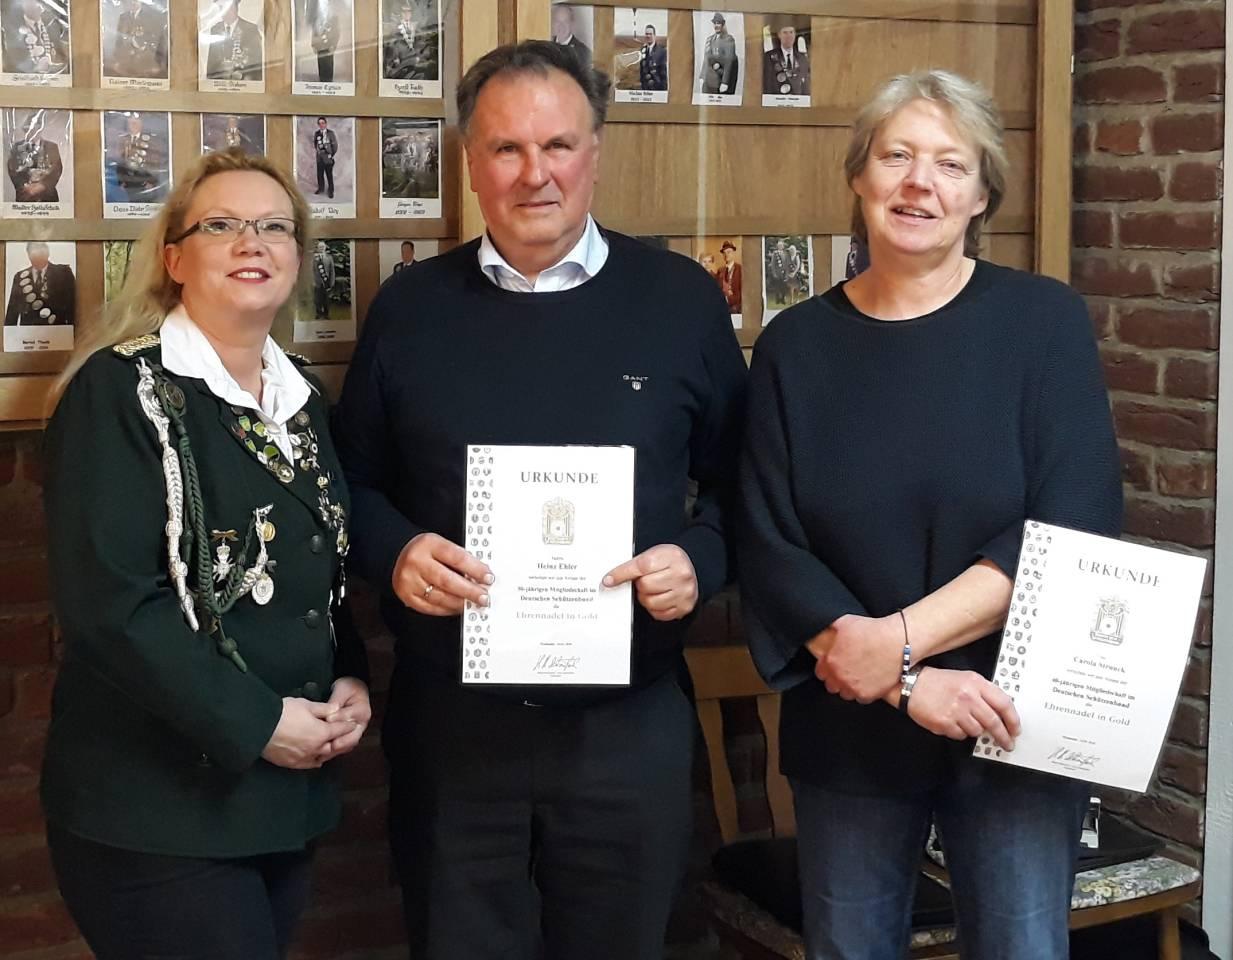 Präsidentin Tanja Grabau mit den geehrten langjährigen Mitgliedern Heinz Ehler und Carola Prange